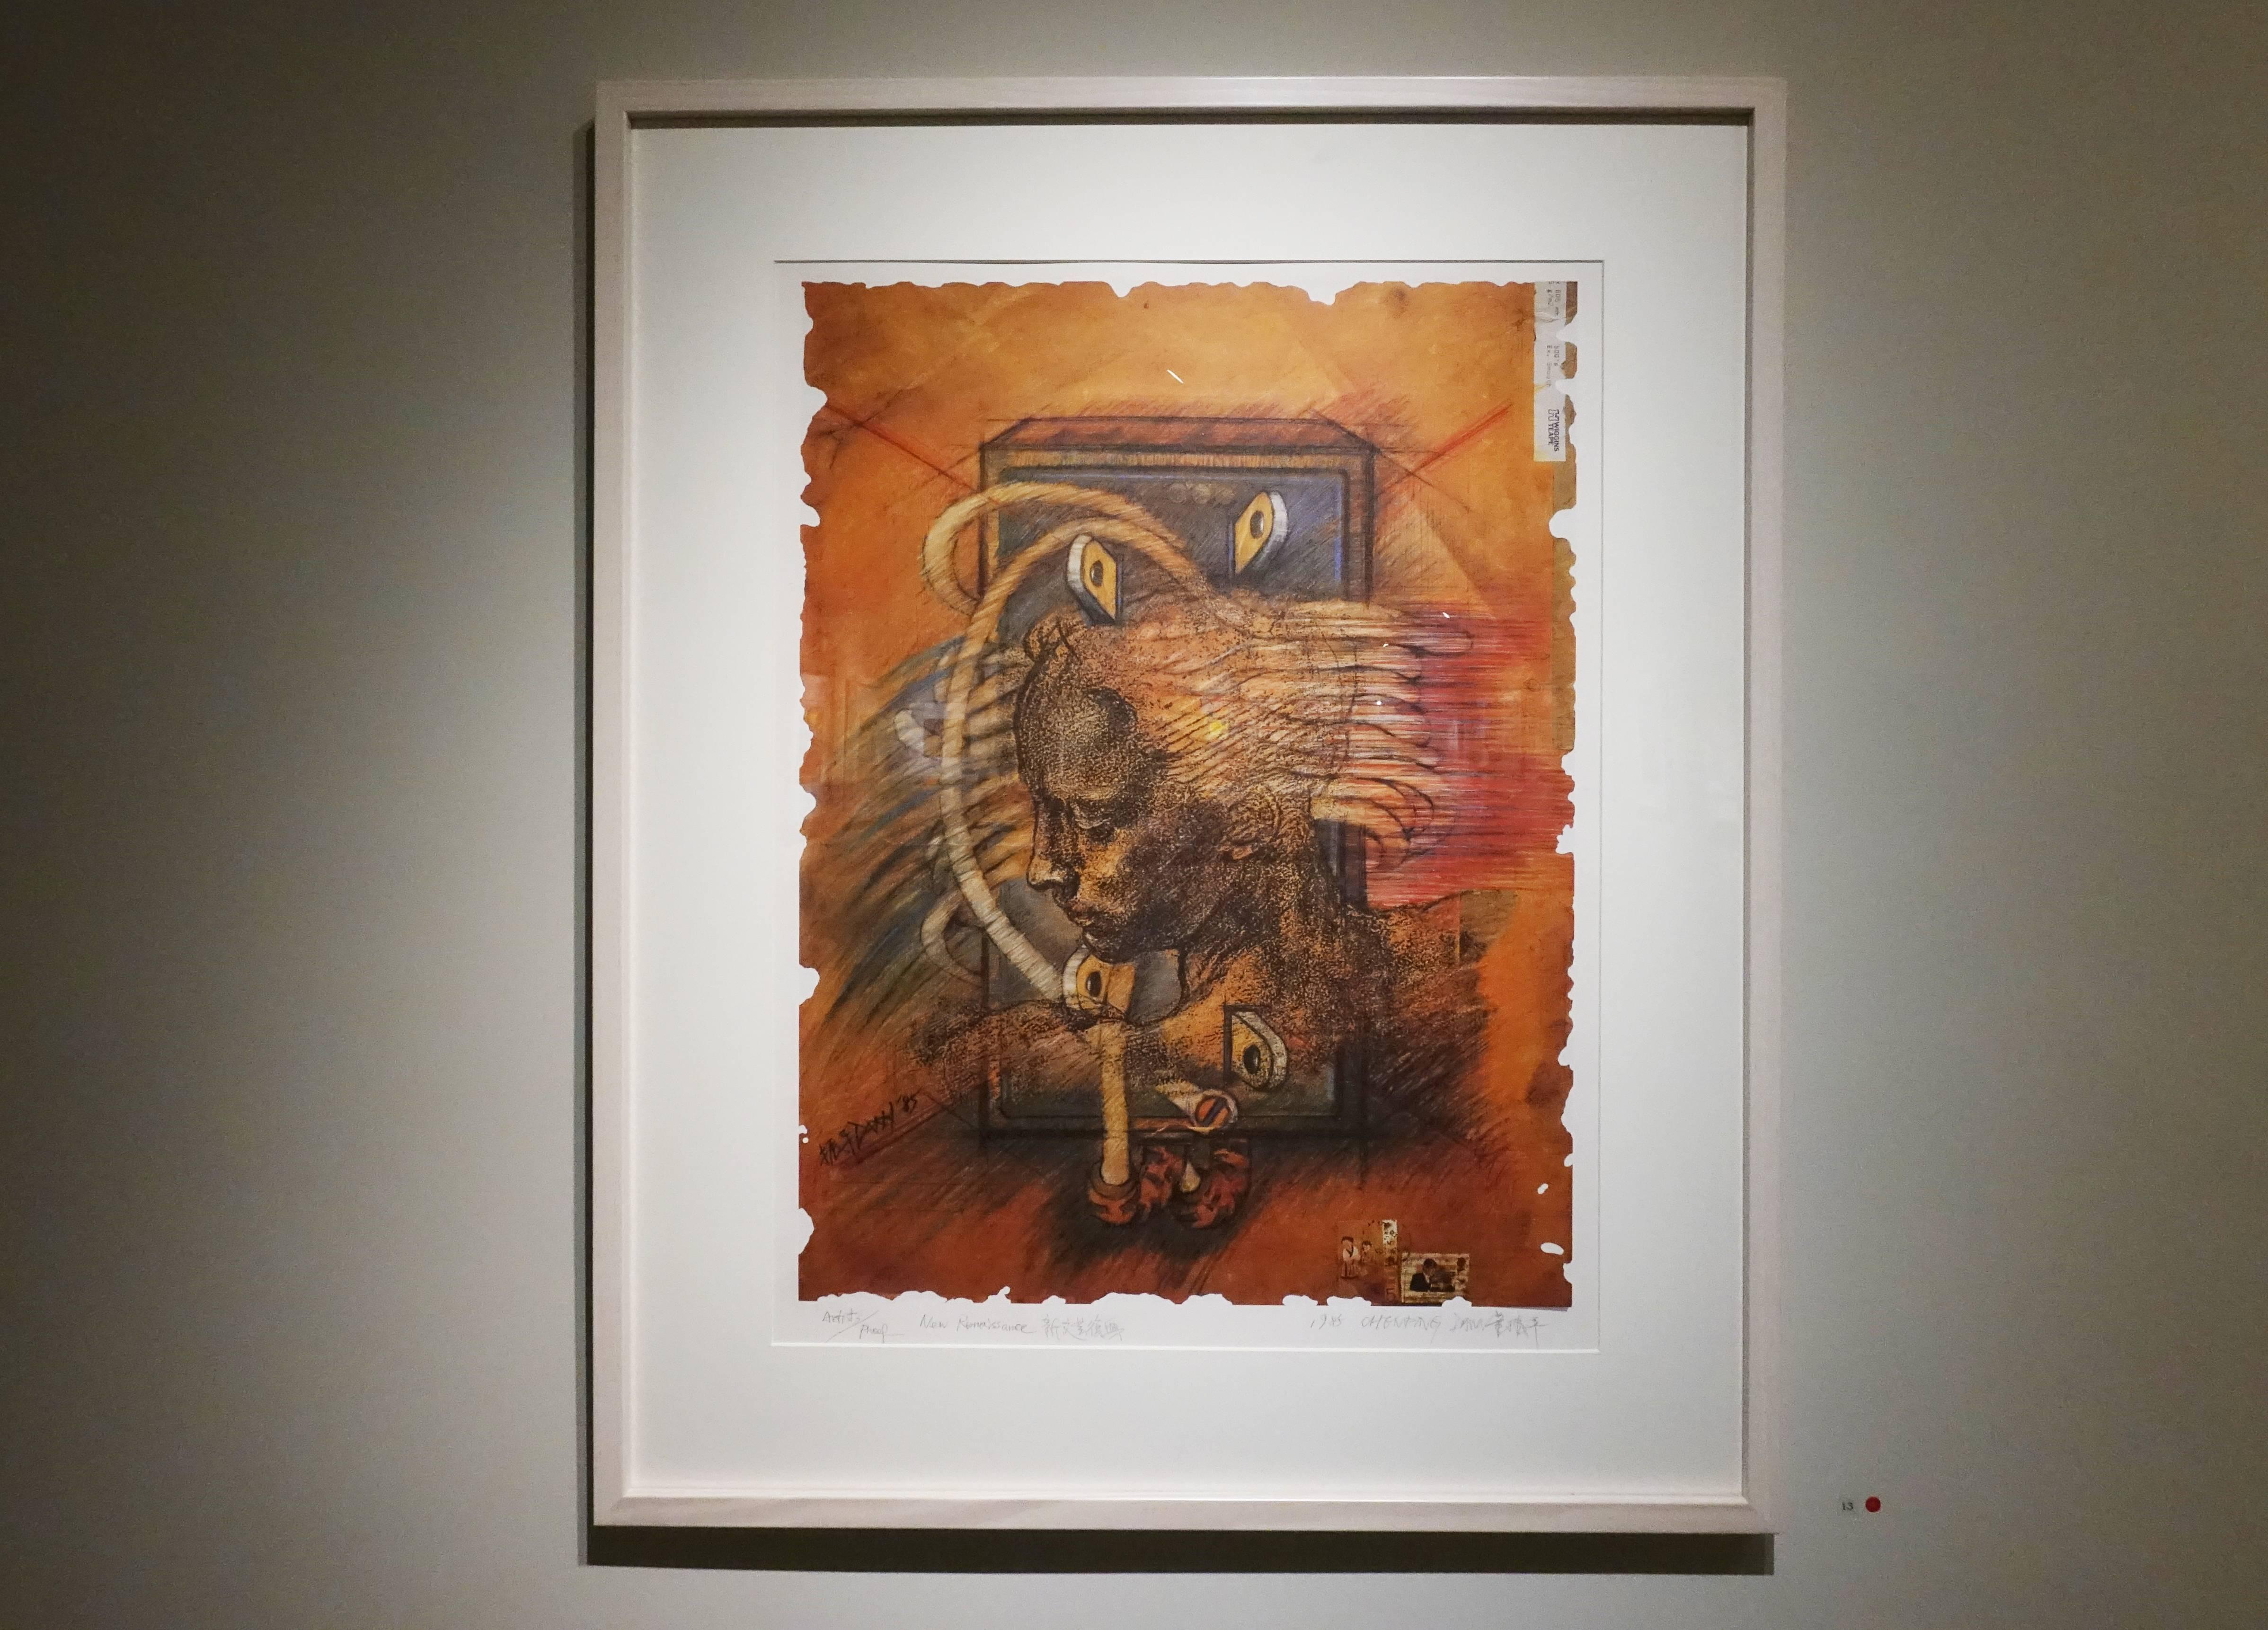 董振平,《新文藝復興》,67 x 50 cm,AP,平版,1985。